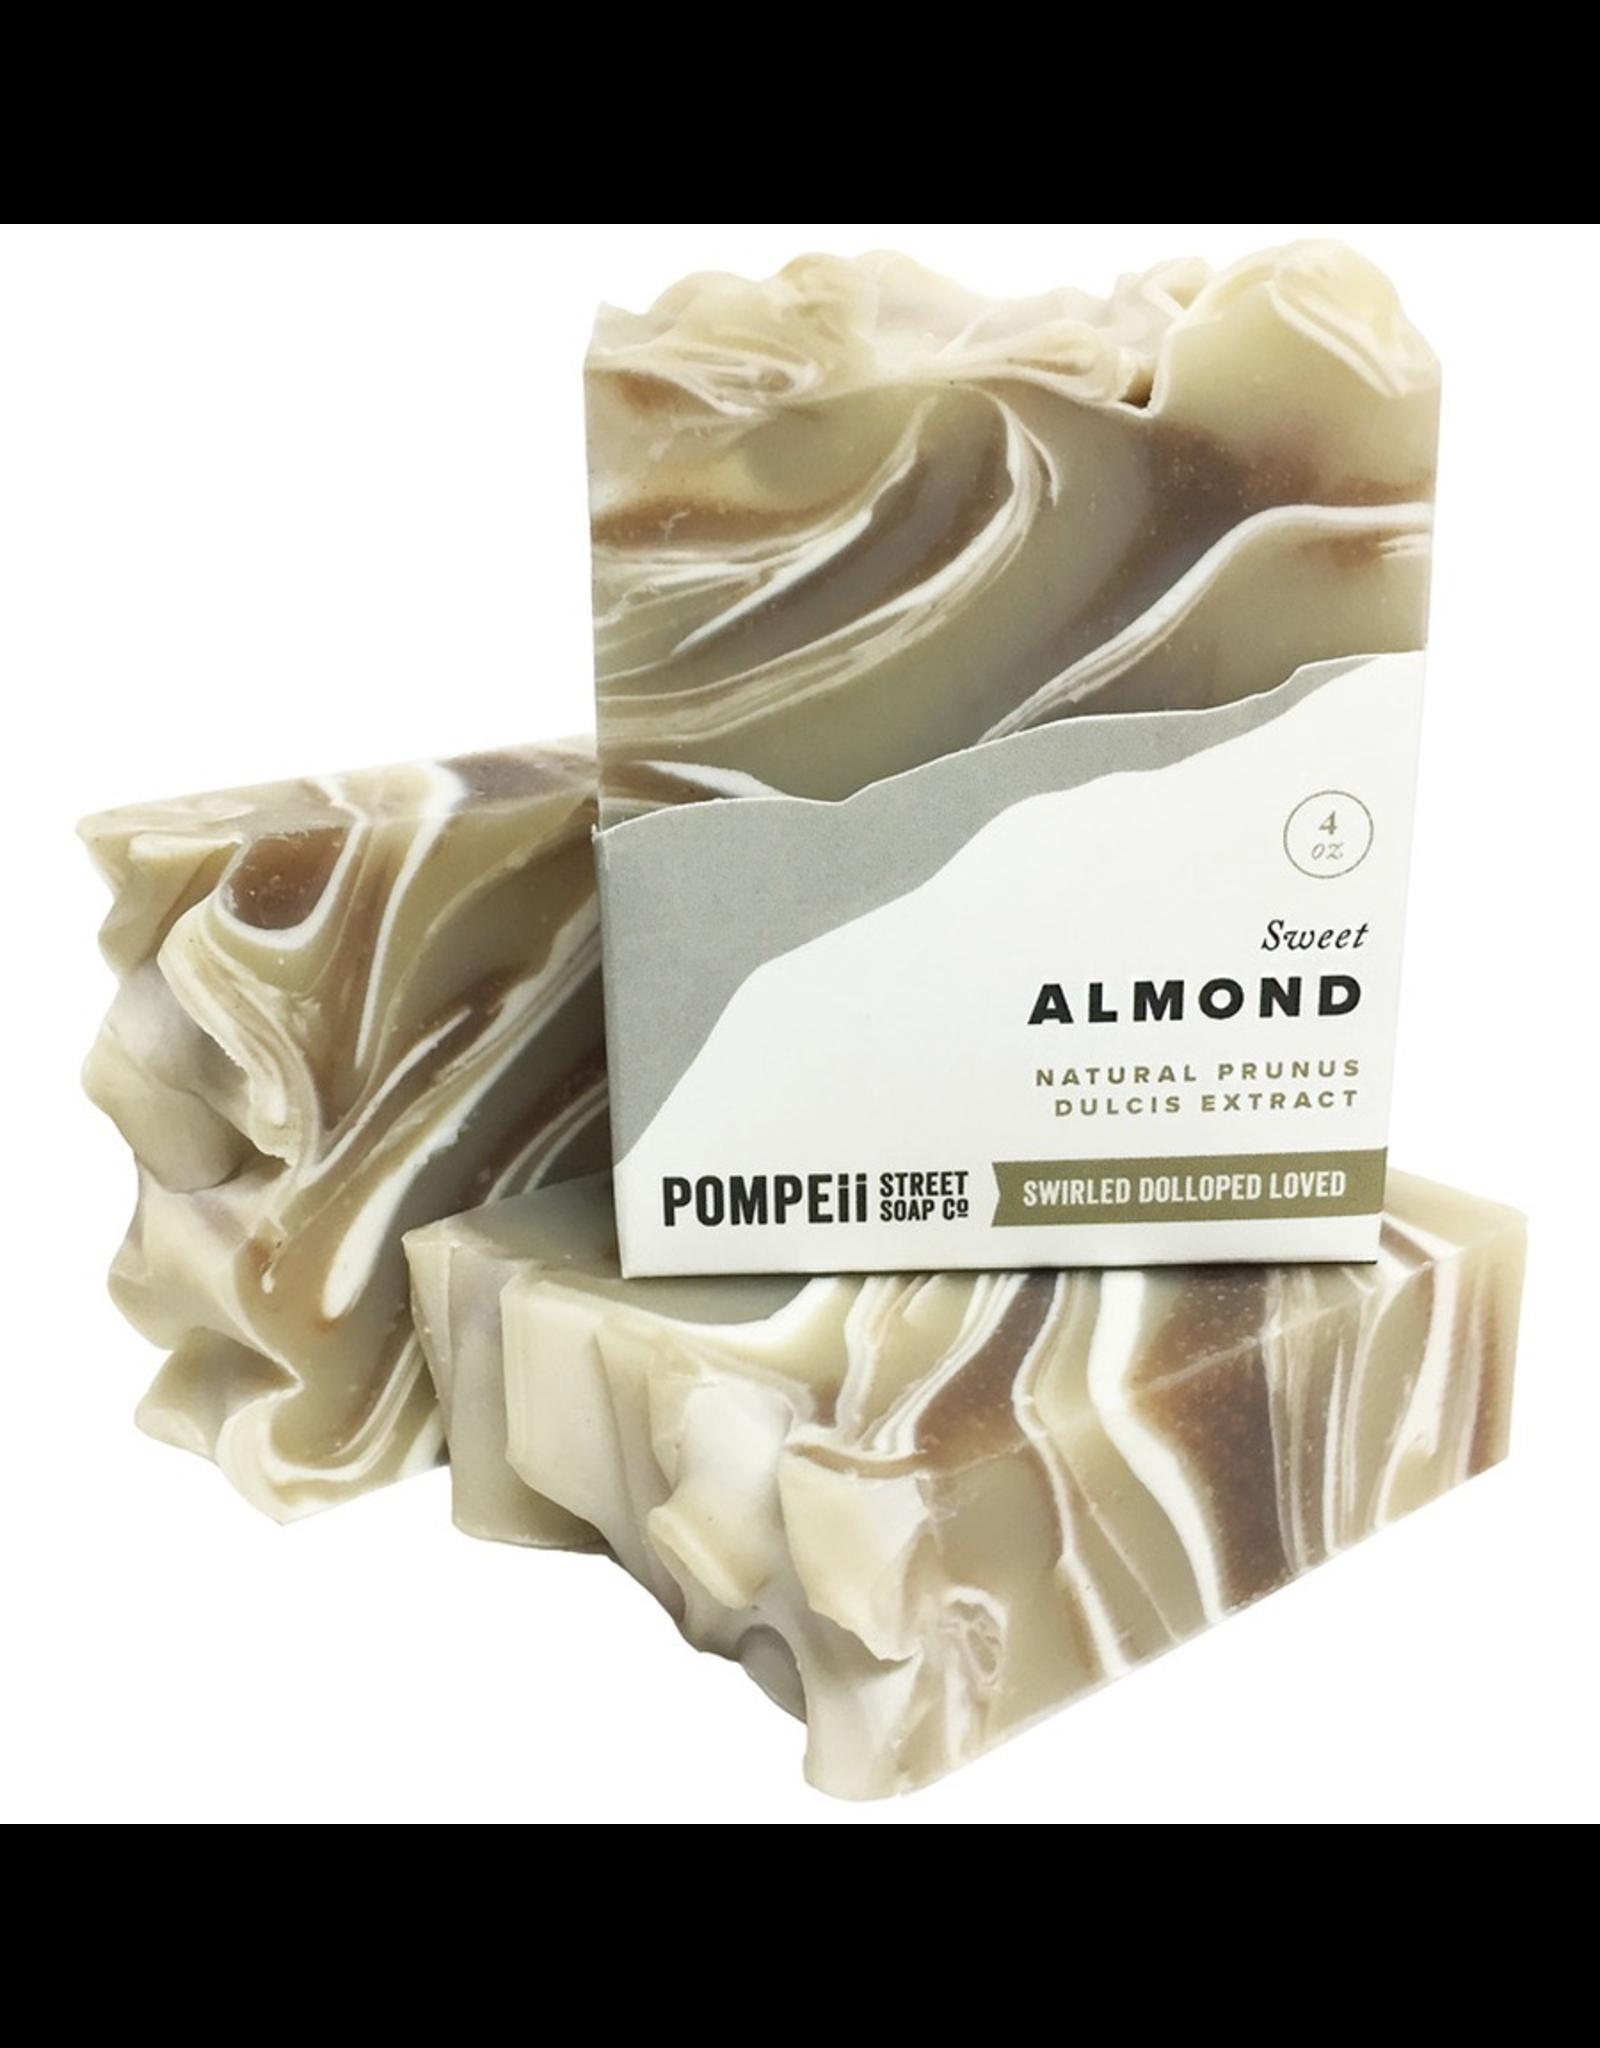 Almond Soap Bar 4 oz.